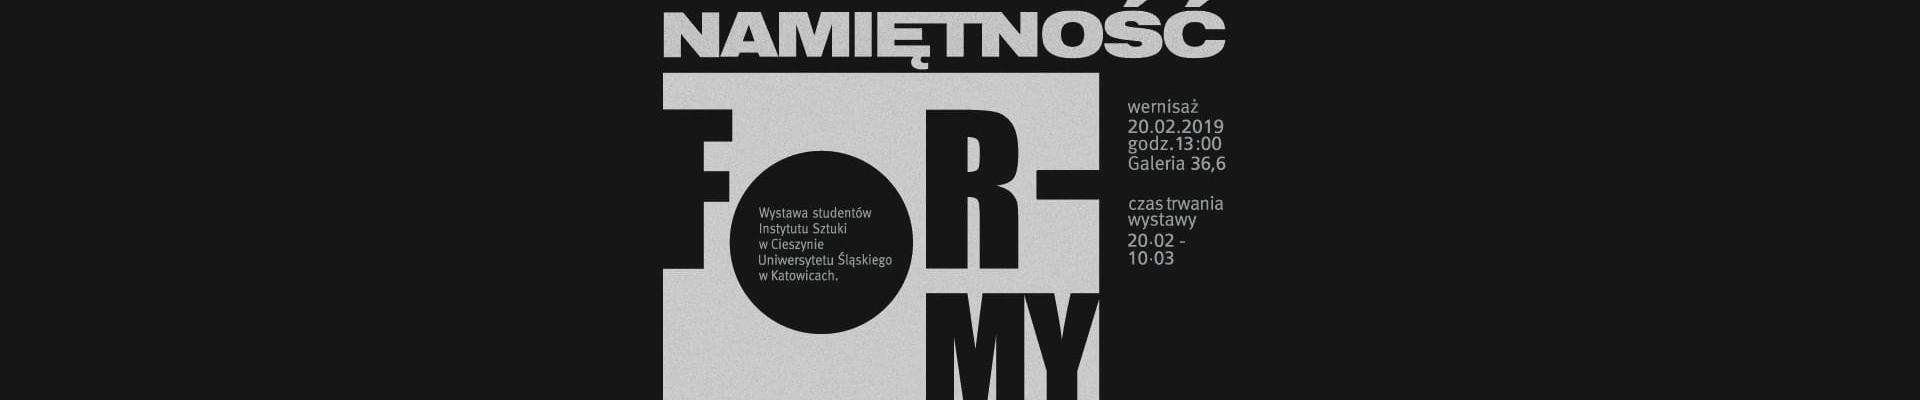 """20.02.2019 Zapraszamy serdecznie na wernisaż wystawy studentów Instytutu Sztuki Uniwersytetu Śląskiego! """"Namiętność formy"""""""